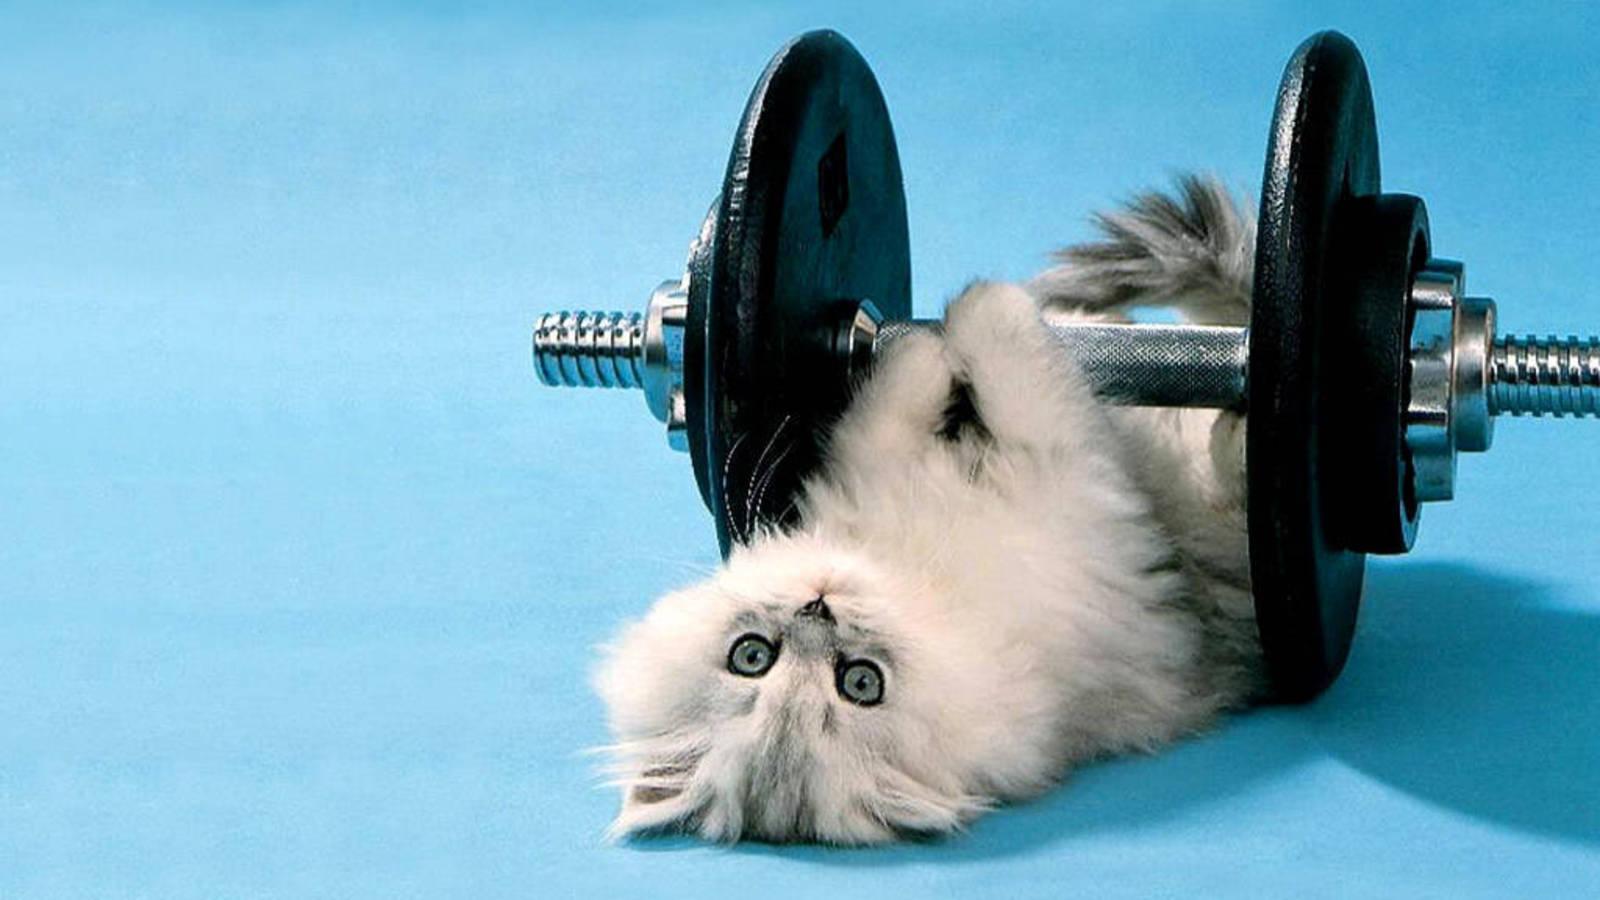 кот на интенсивной тренировке